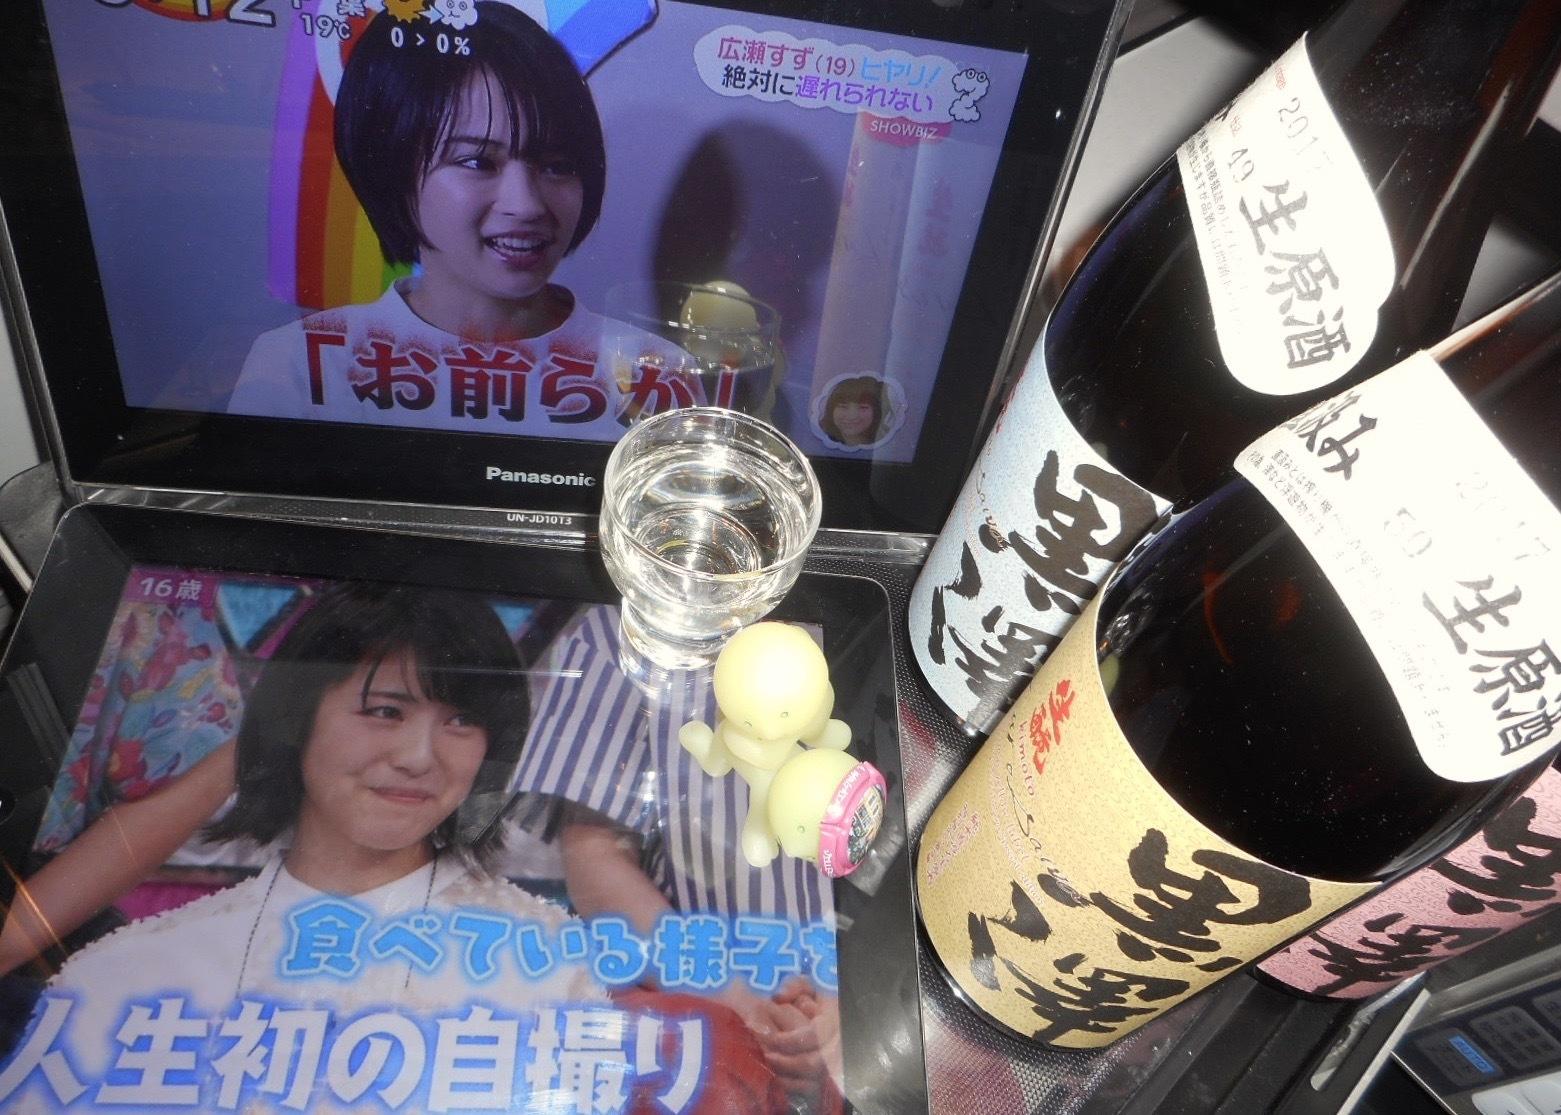 浜辺美波最強論vs広瀬すず4